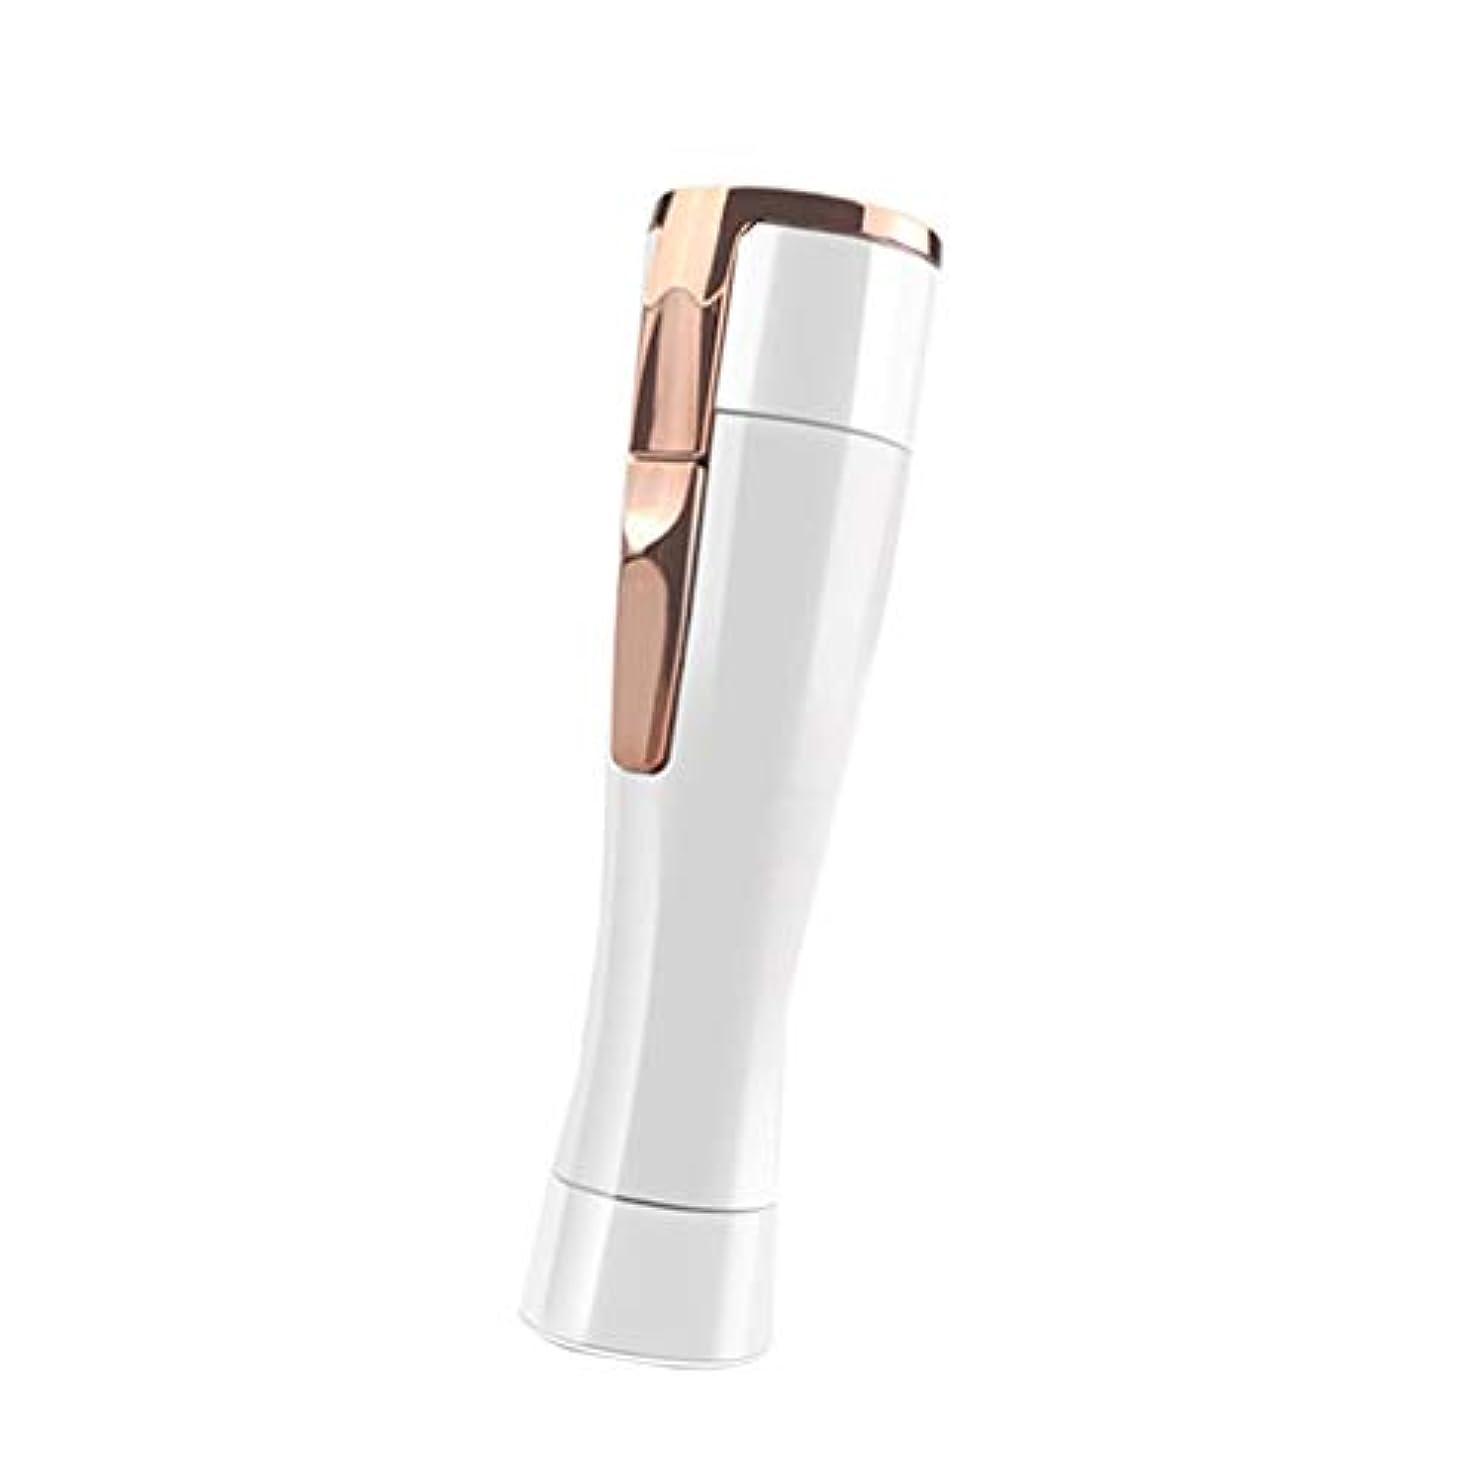 滴下複製意味のあるコードレス多機能ウェットシェーバー 男性と女性のシェービングアーマーアーティファクトシェービングプライベートパーツ専用シェービングナイフに電気 (Color : B)